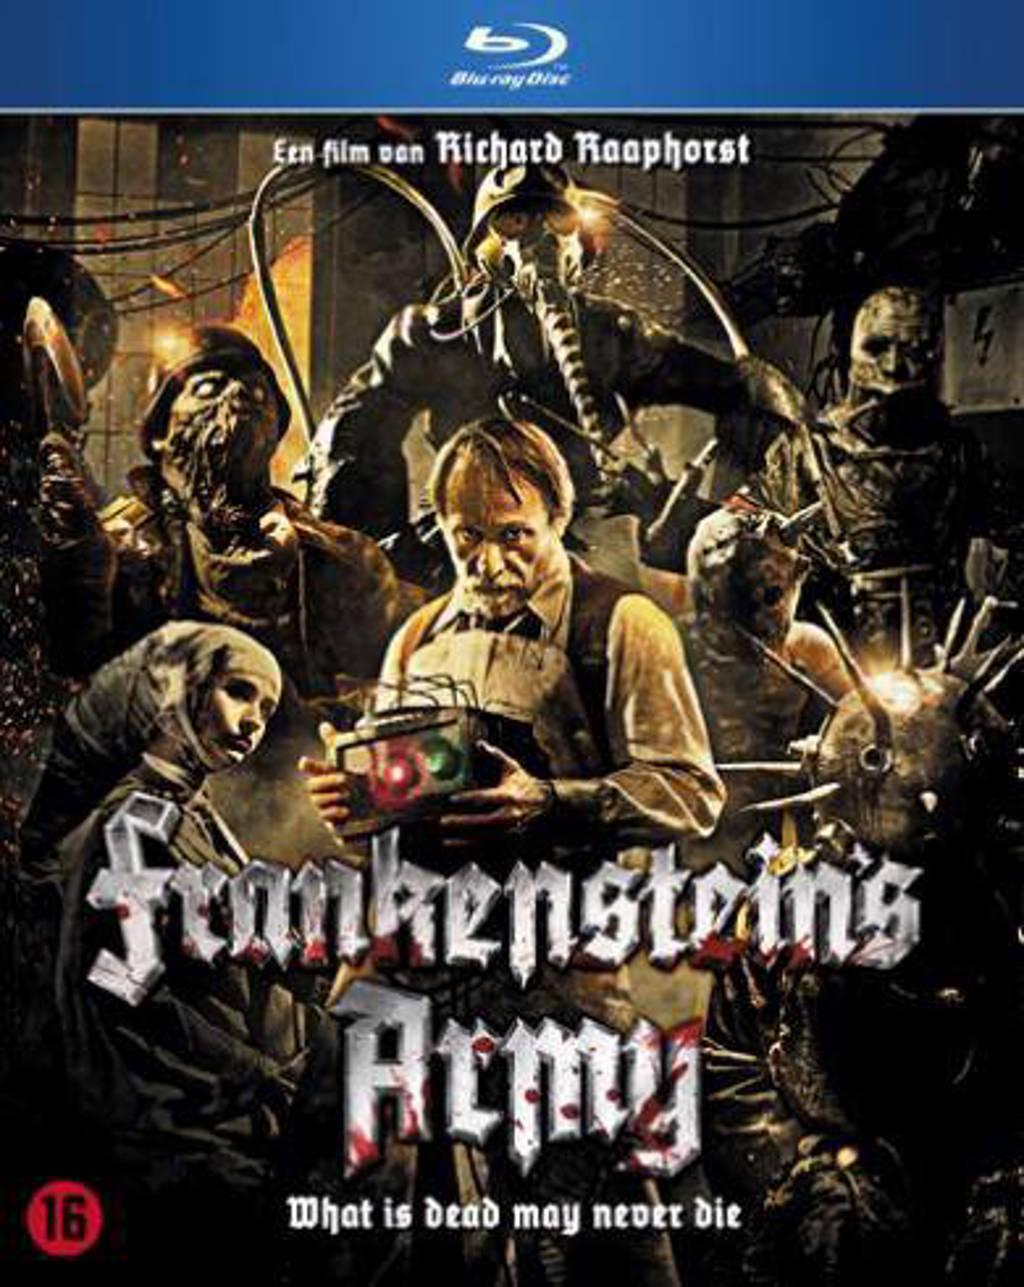 Frankensteins army (Blu-ray)